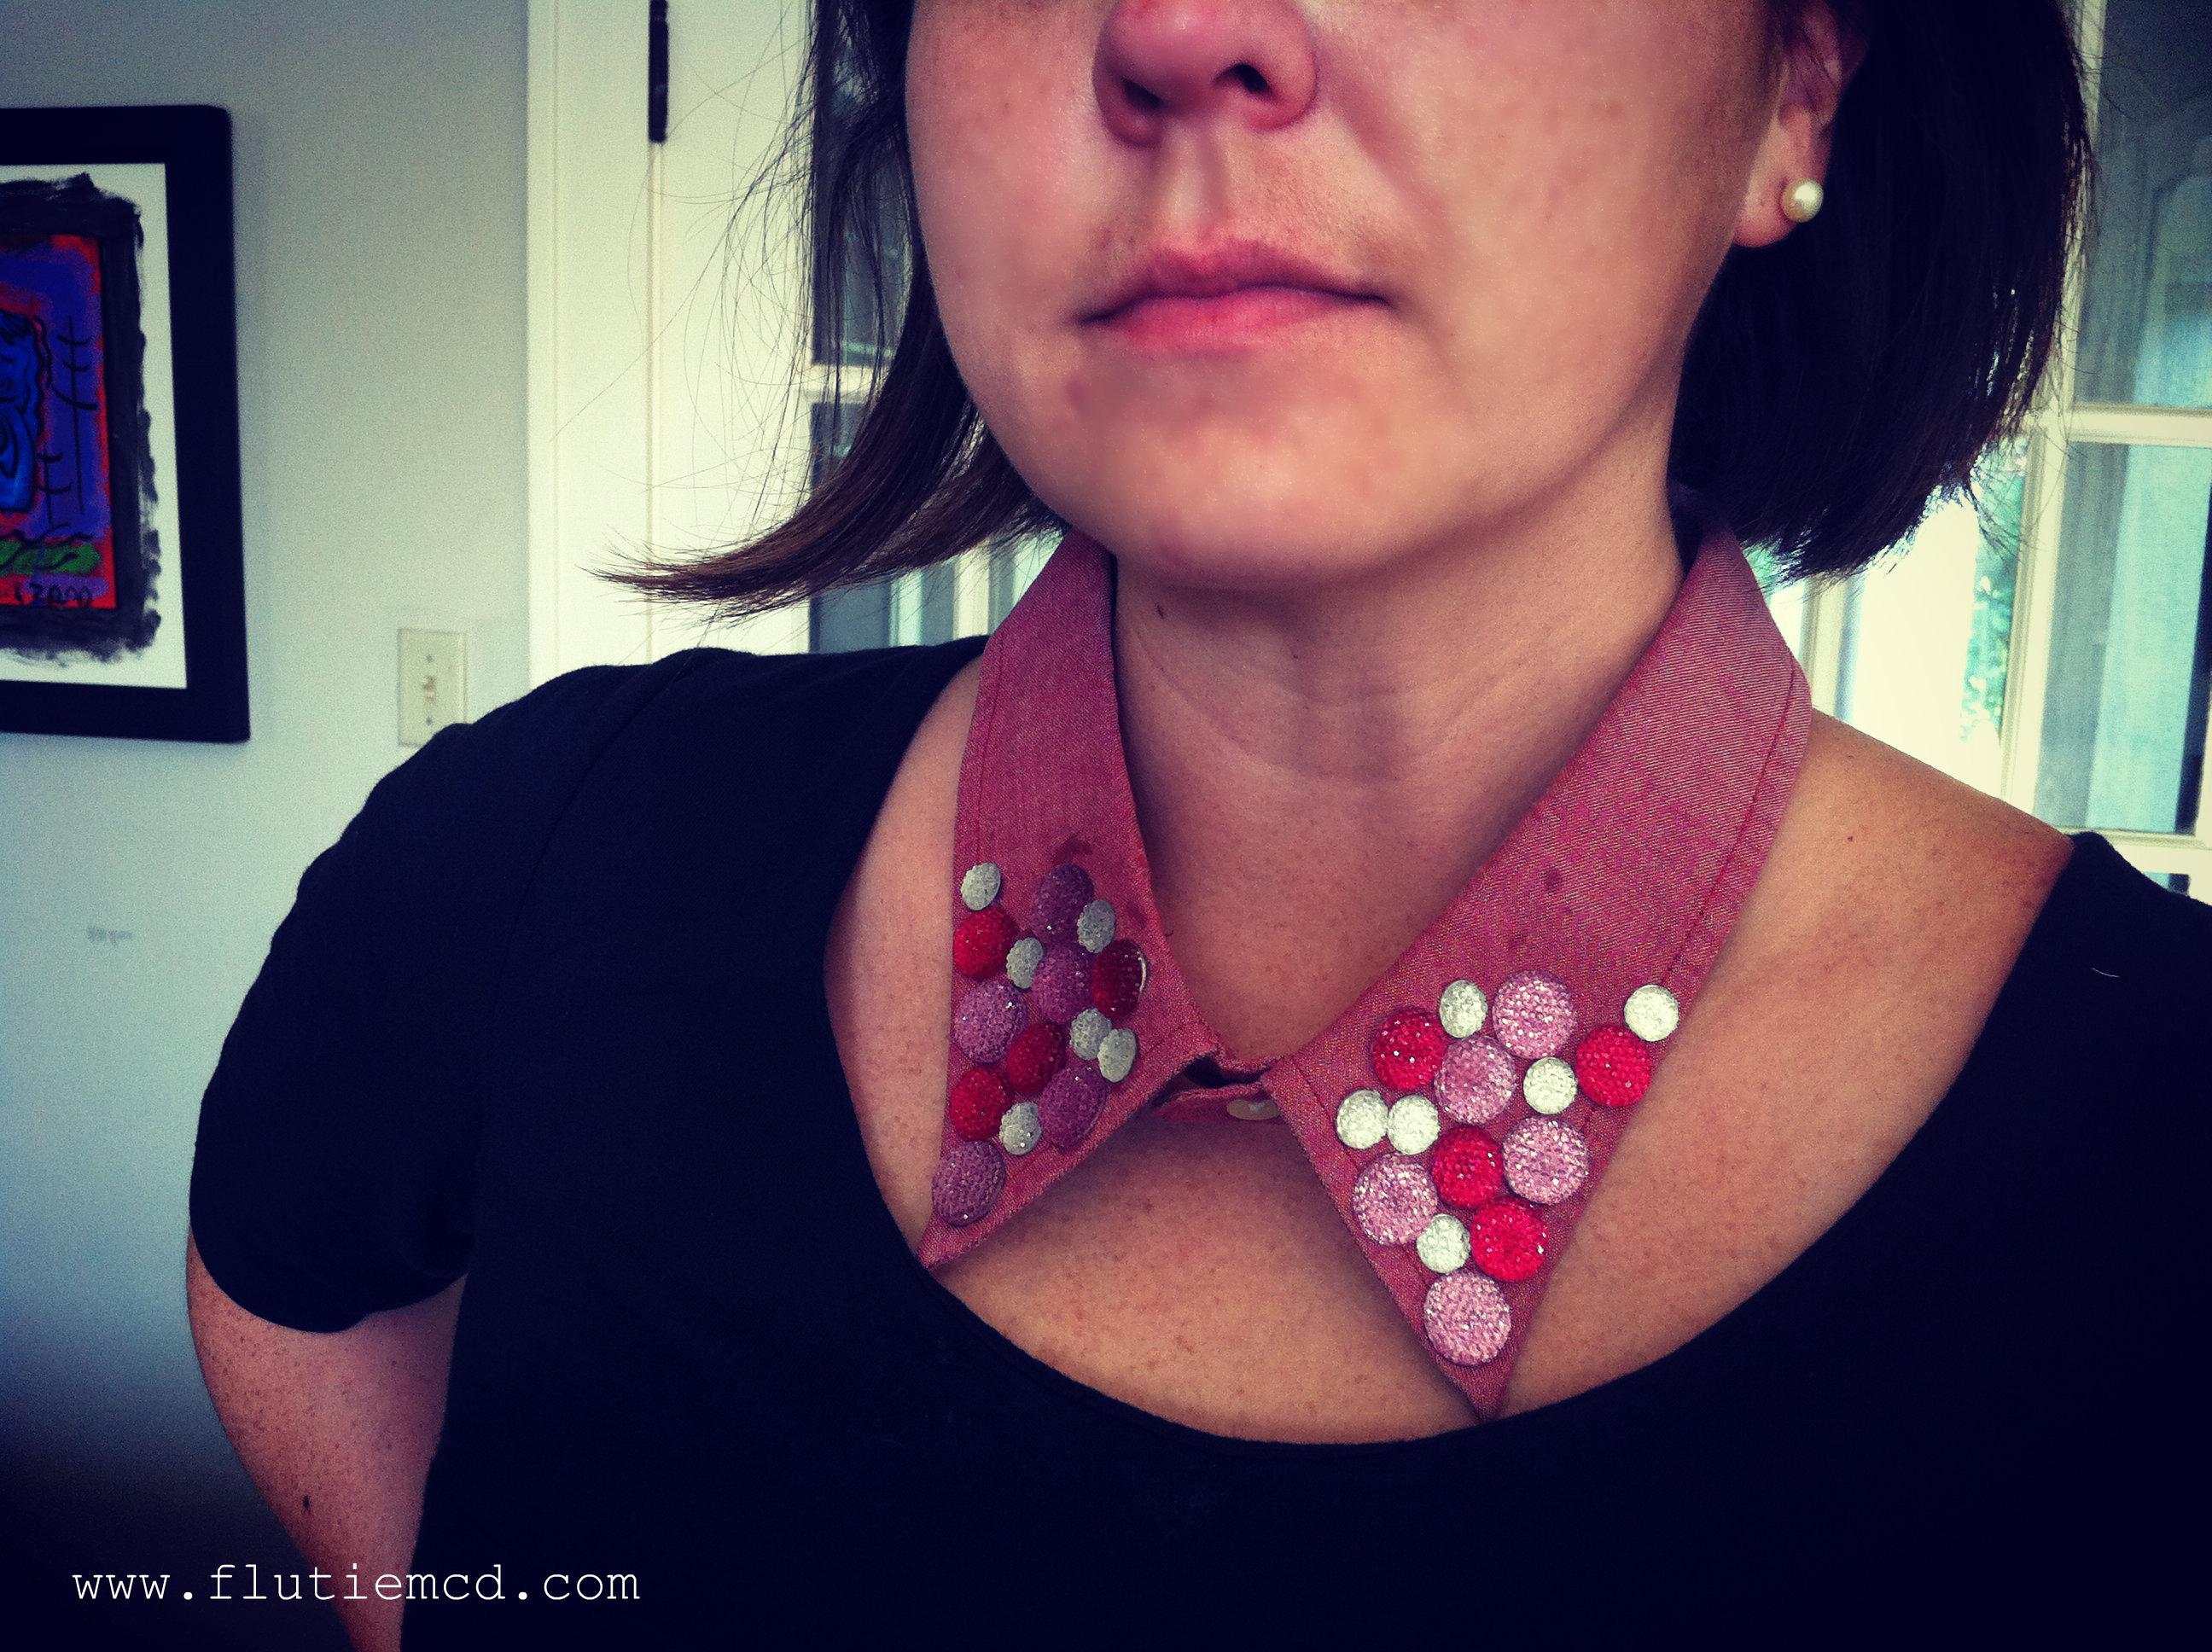 fuschia collar necklace